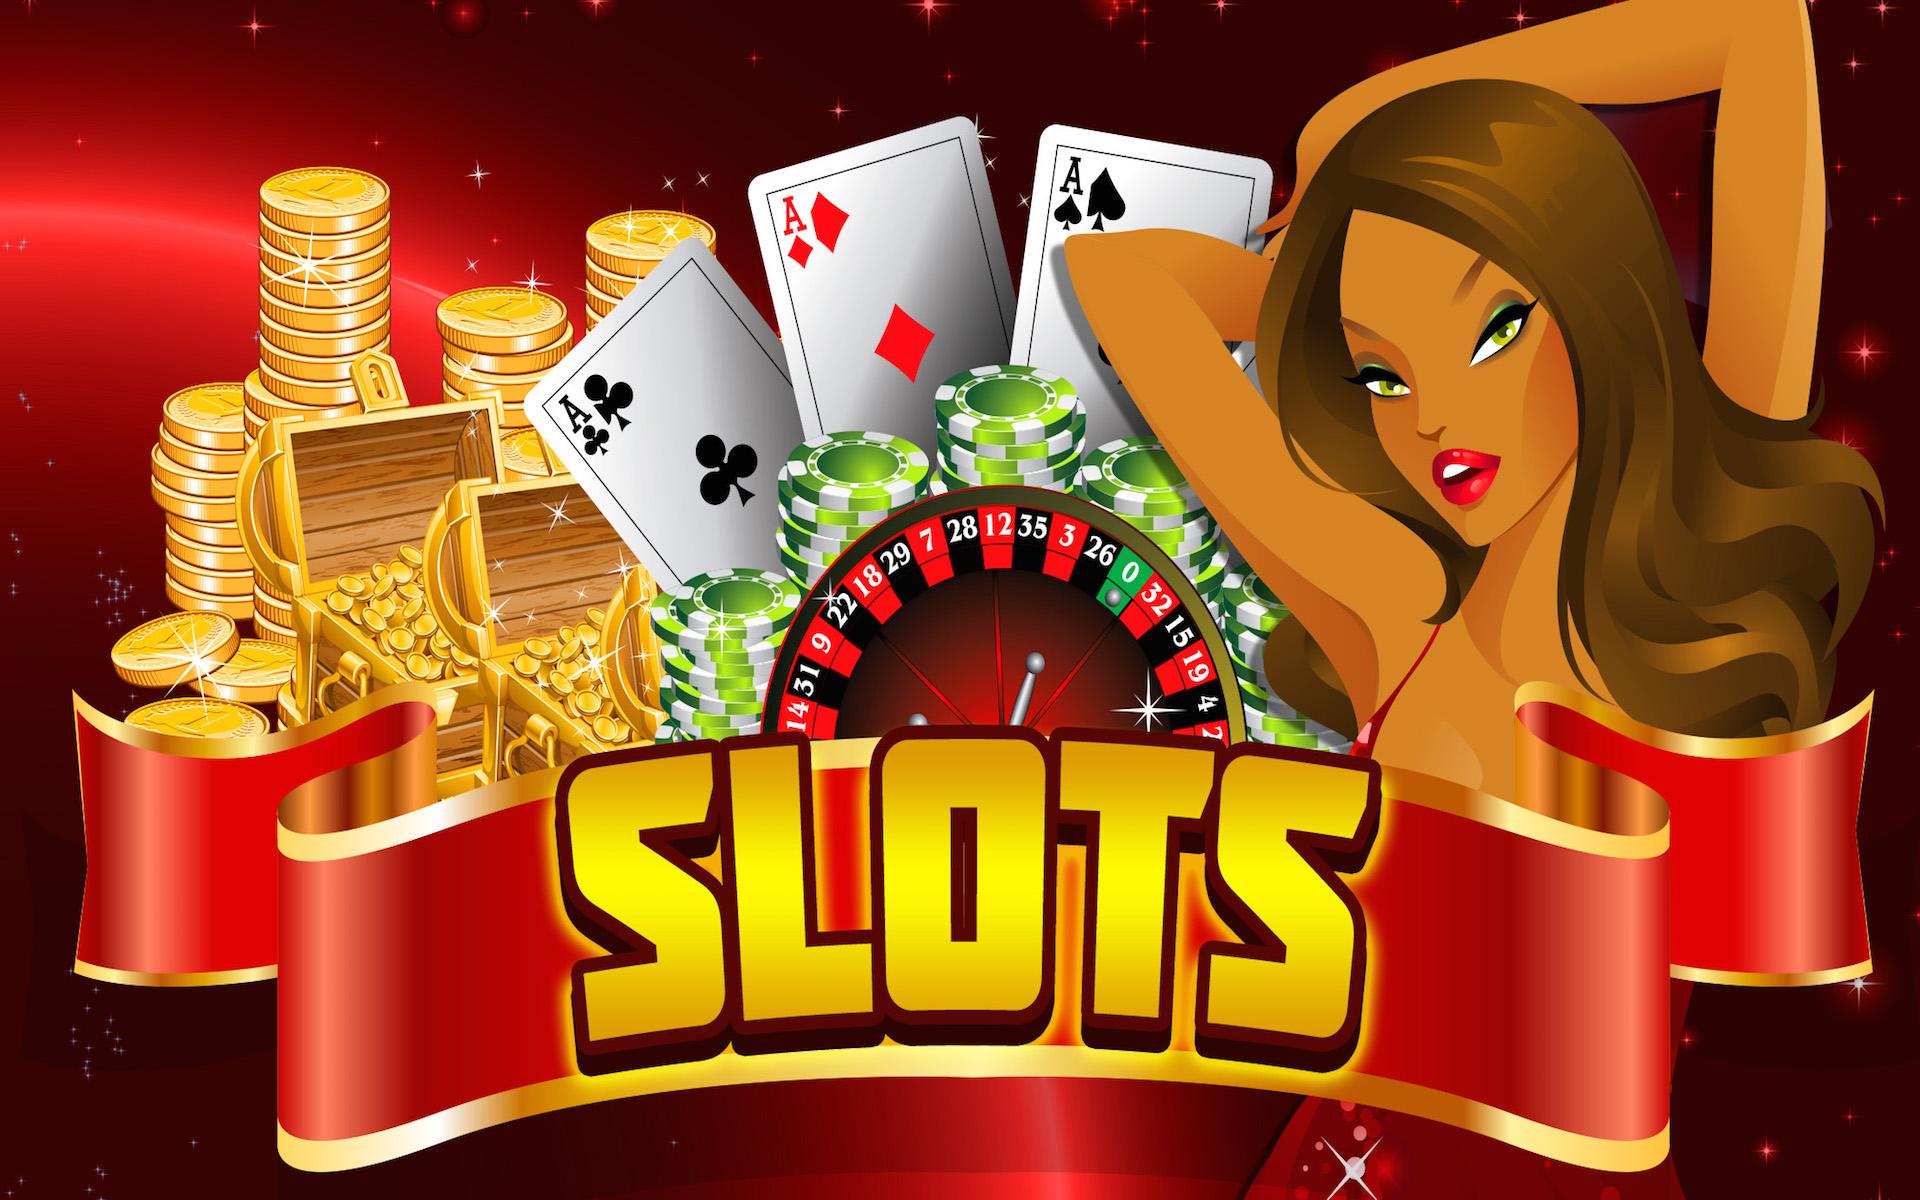 codigo de registro la fiesta casino